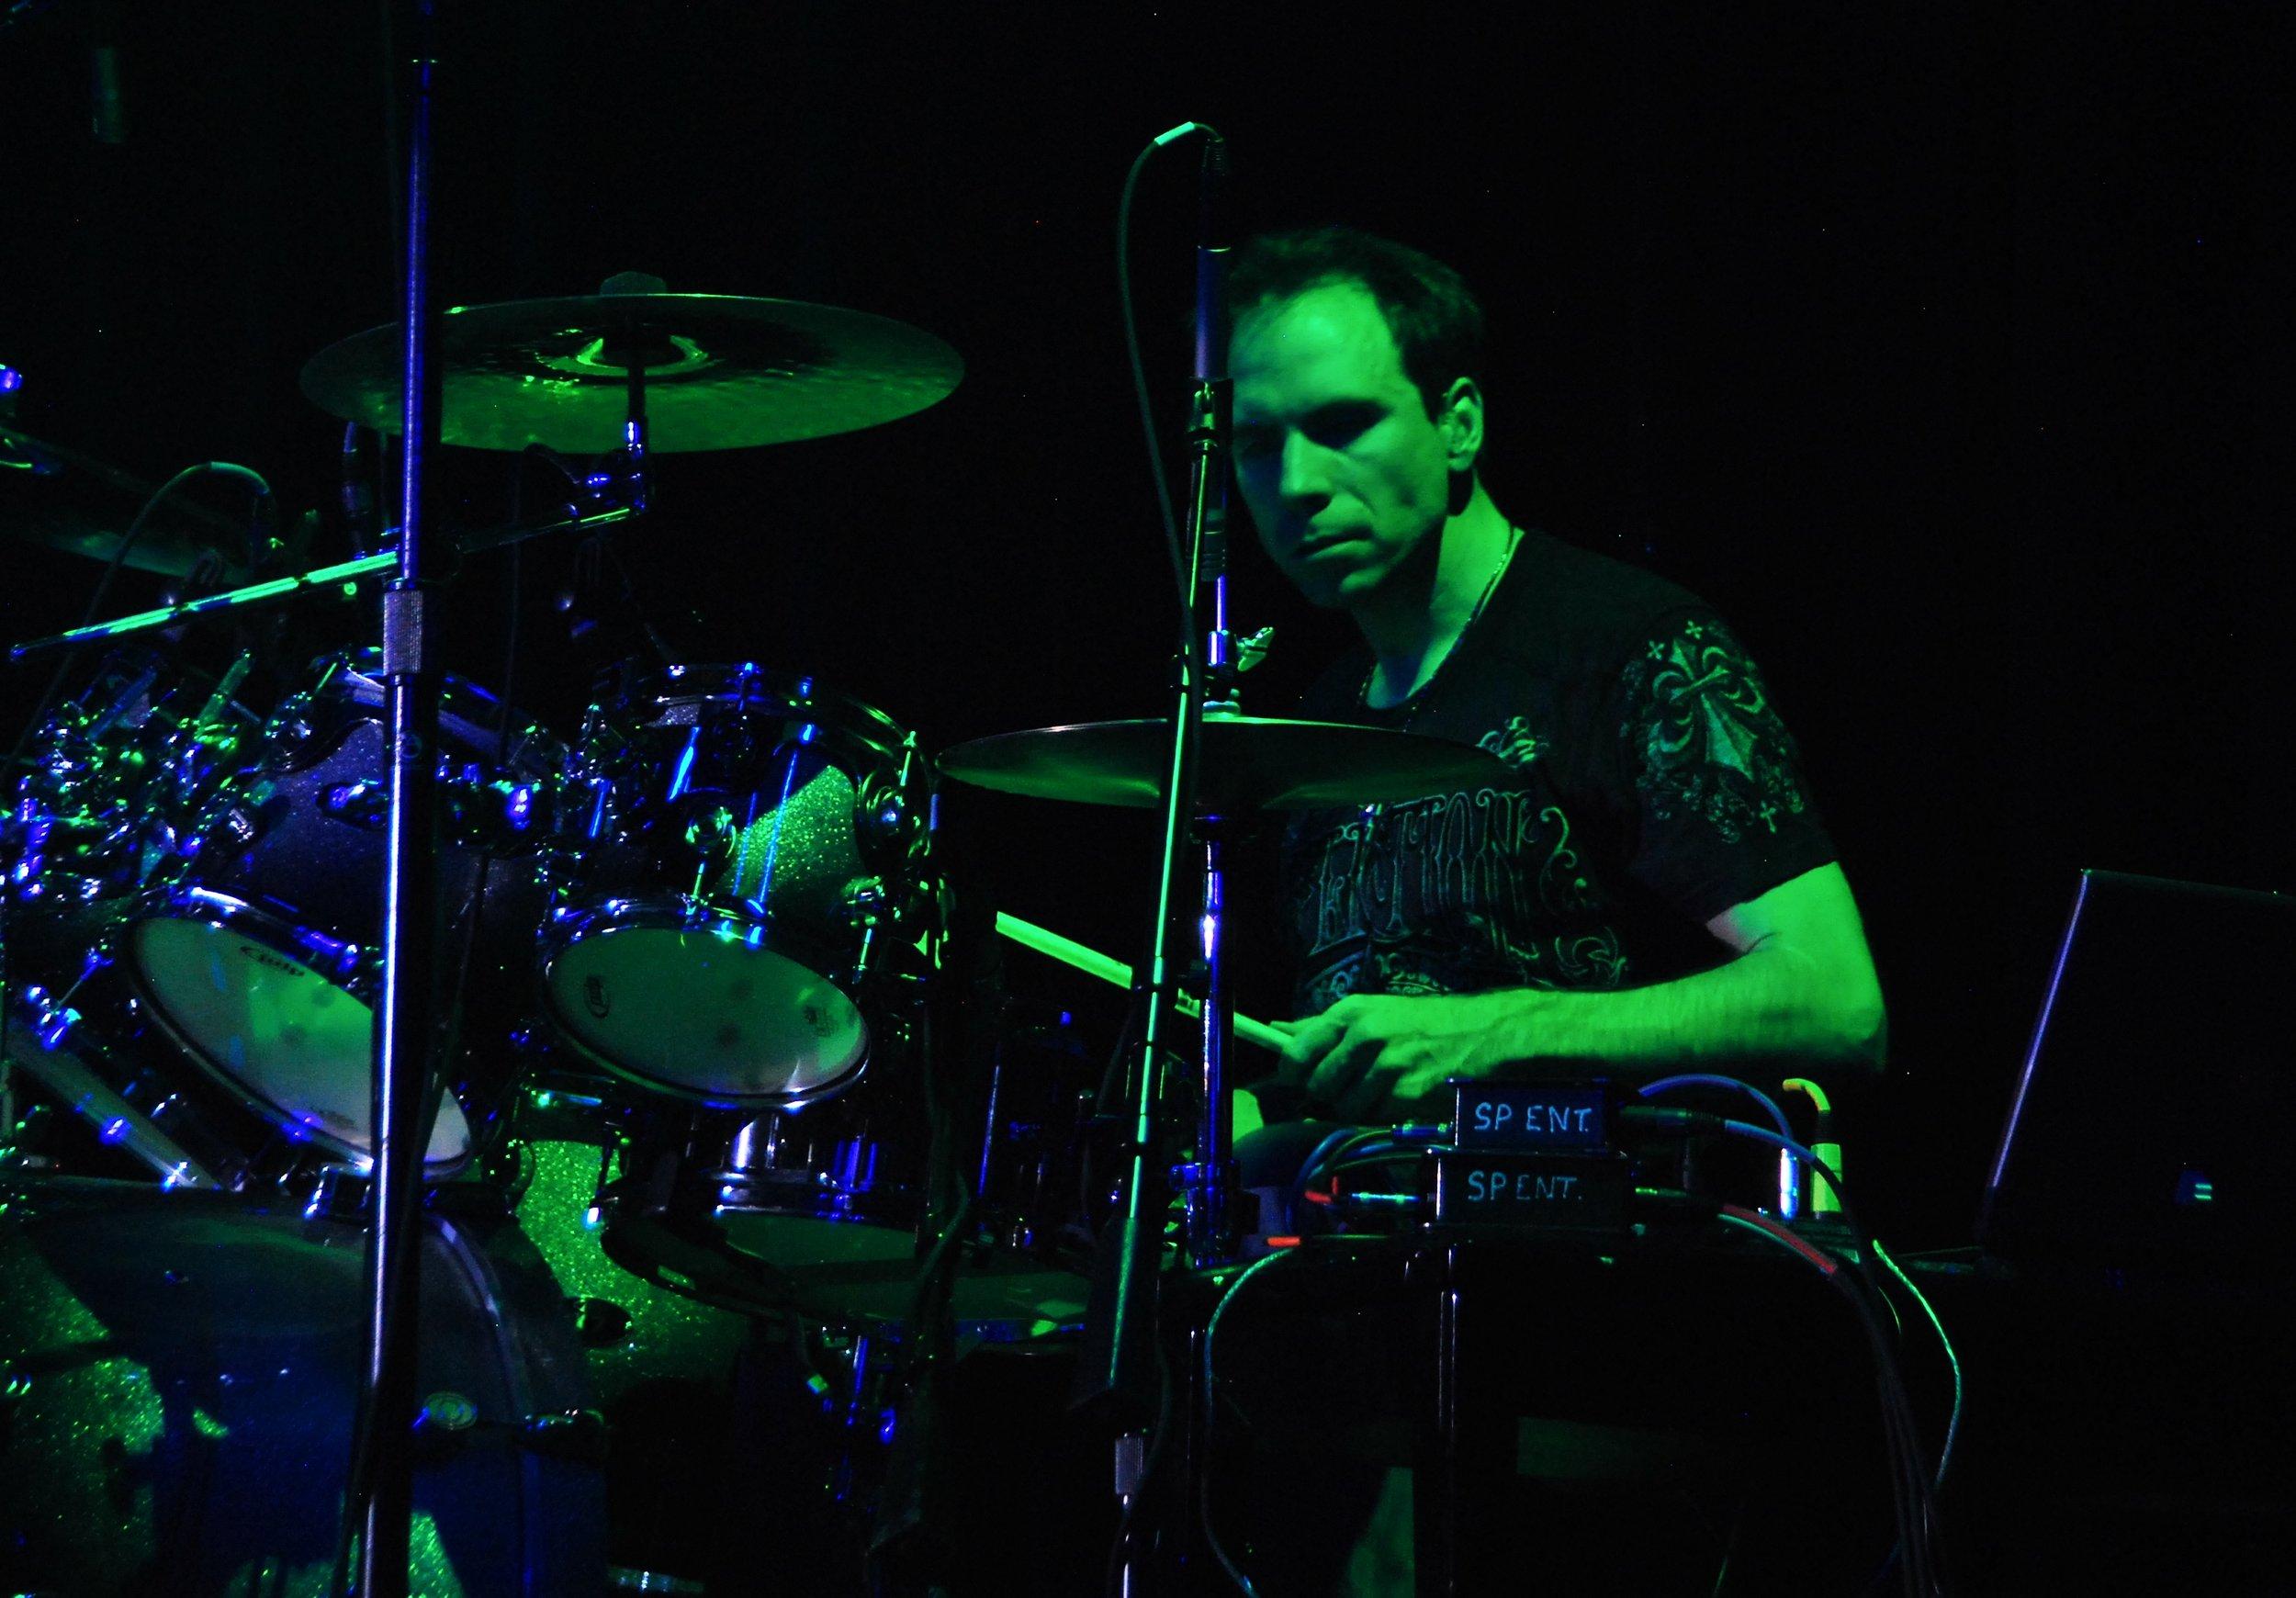 Performing at the Yellow Brick Road